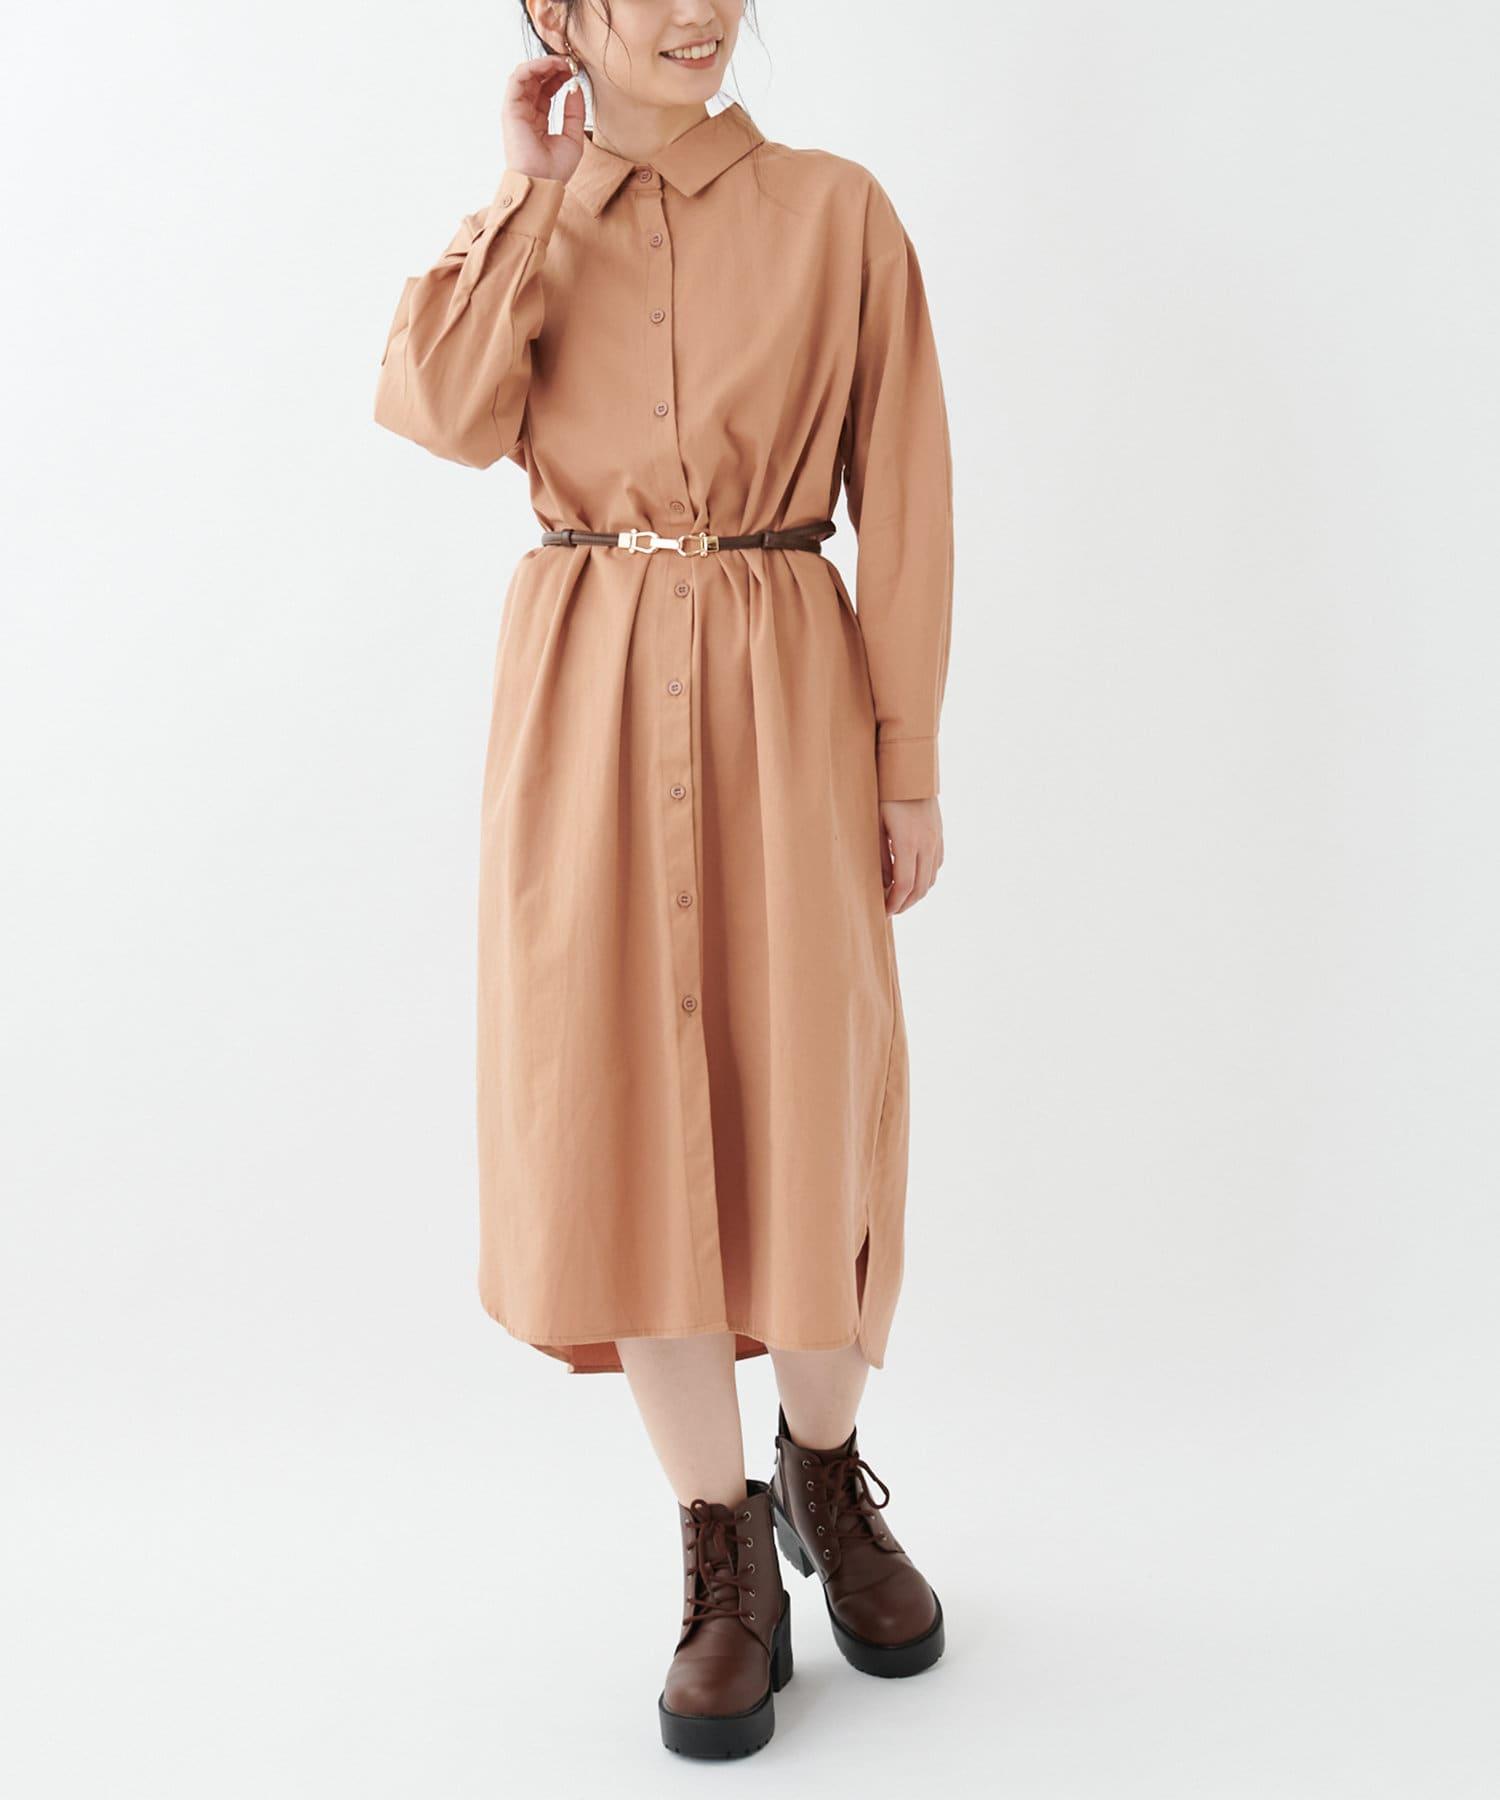 OLIVE des OLIVE OUTLET(オリーブ・デ・オリーブ アウトレット) 【dsf】Shirt dress